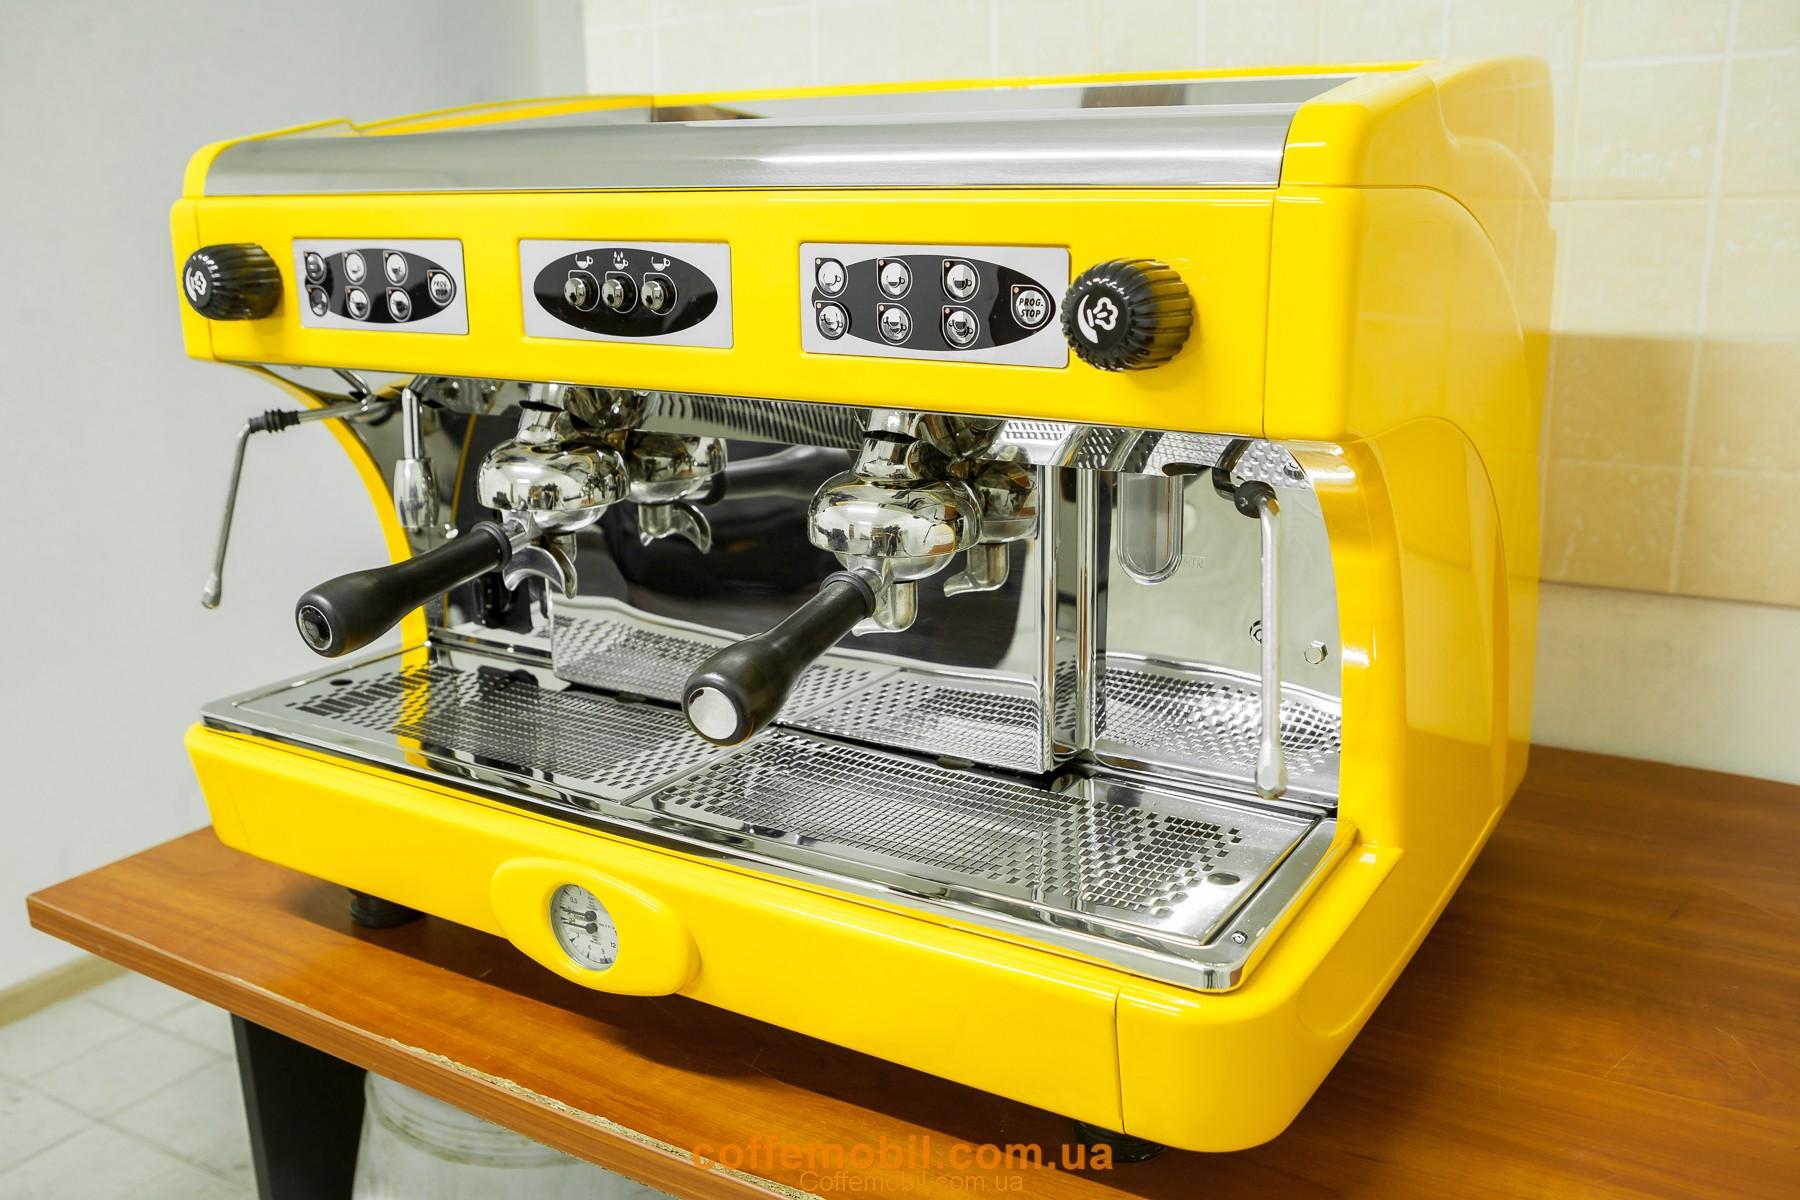 Профессиональная кофемашина Astoria Calypso 2gr